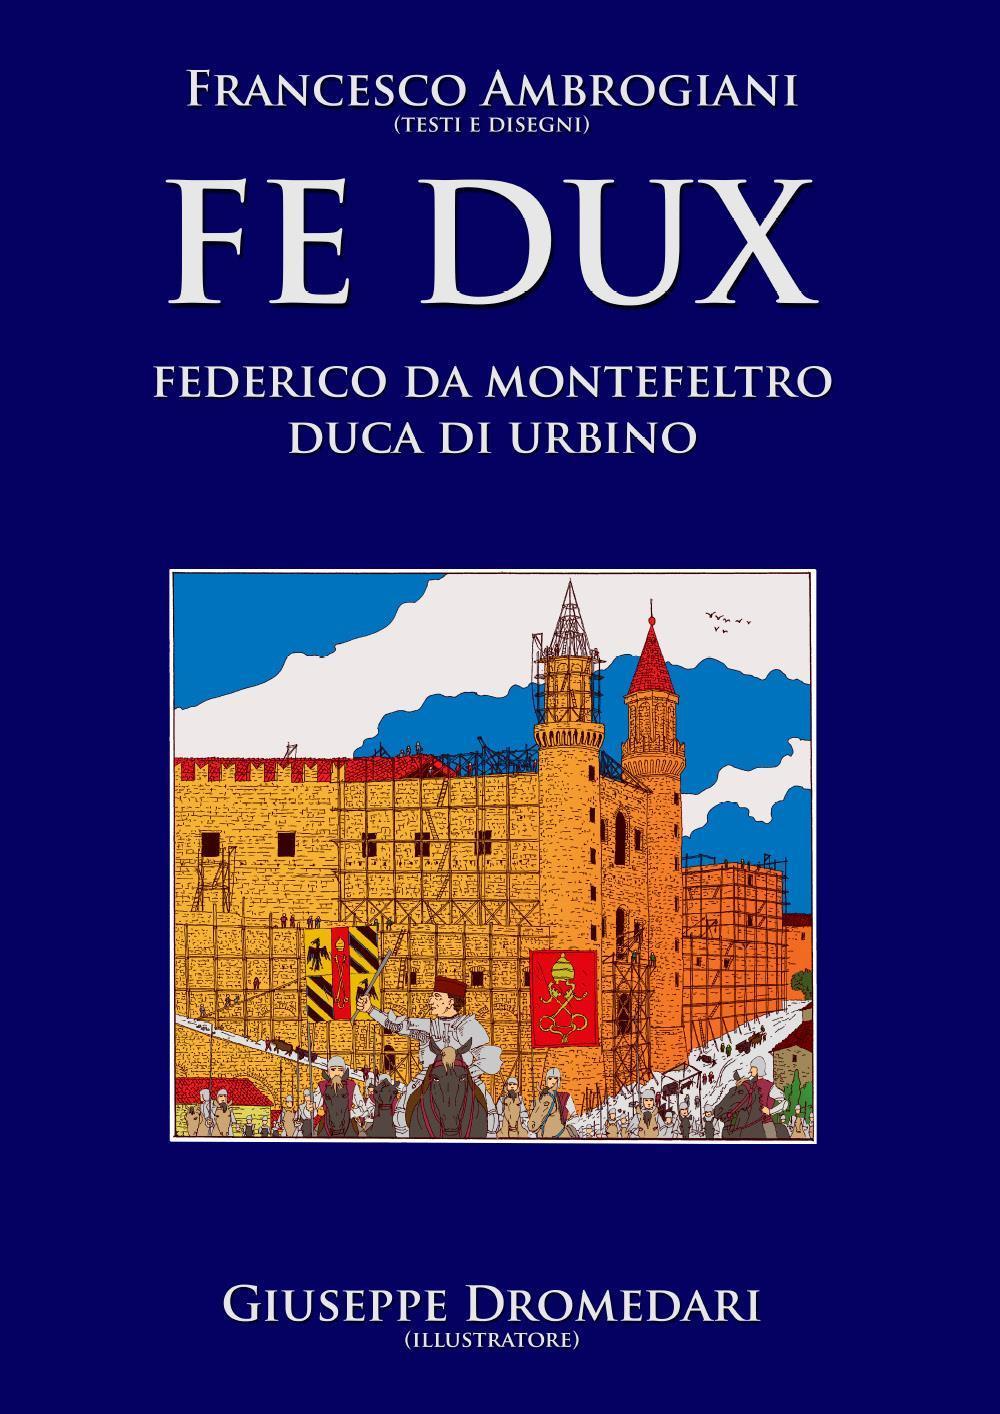 Fe Dux Federico da Montefeltro Duca di Urbino. Interamente a colori